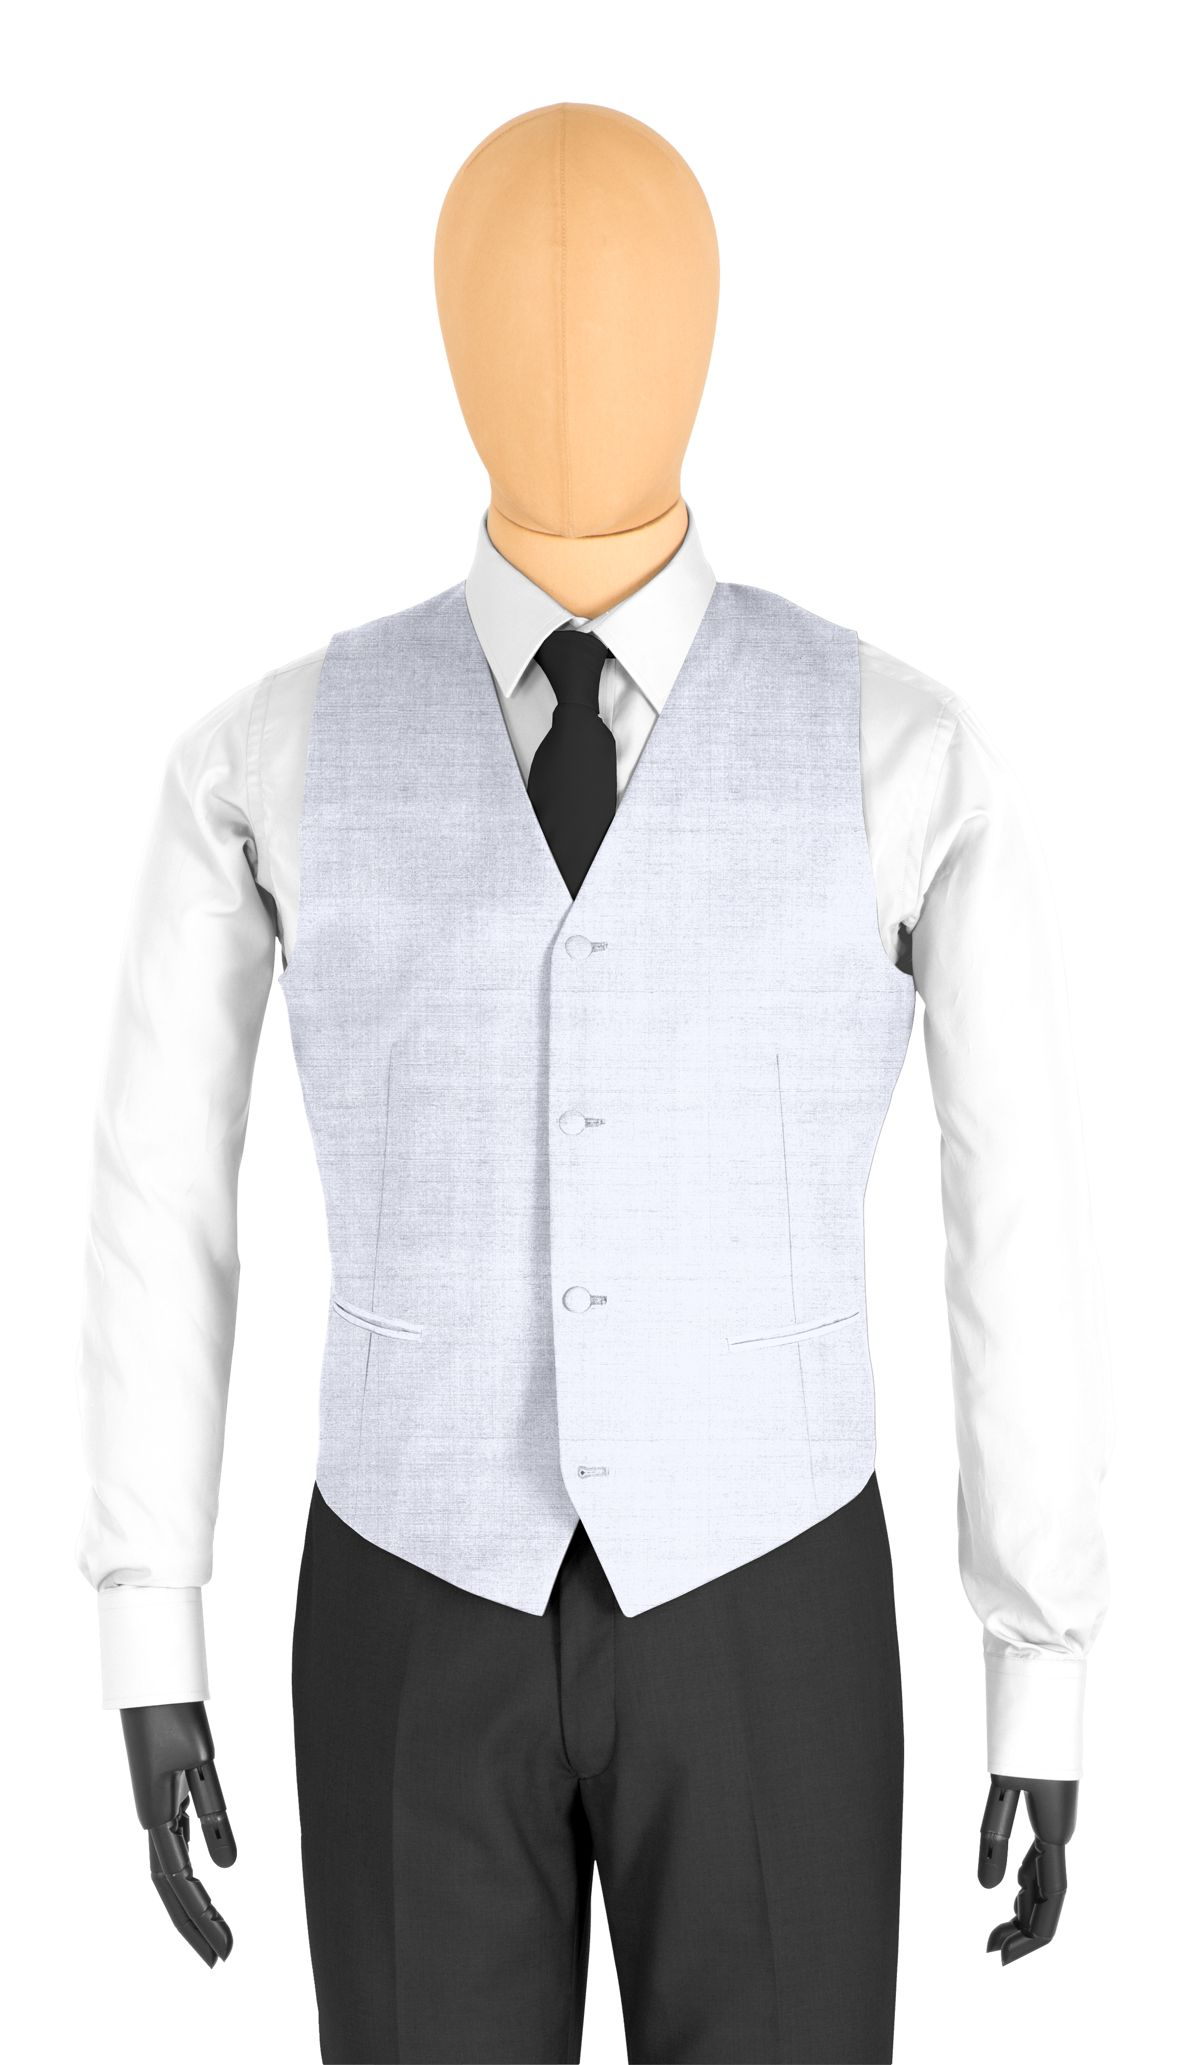 Gilet homme sur mesure et personnalisé gris clair, gris uni  coupe 4 boutons